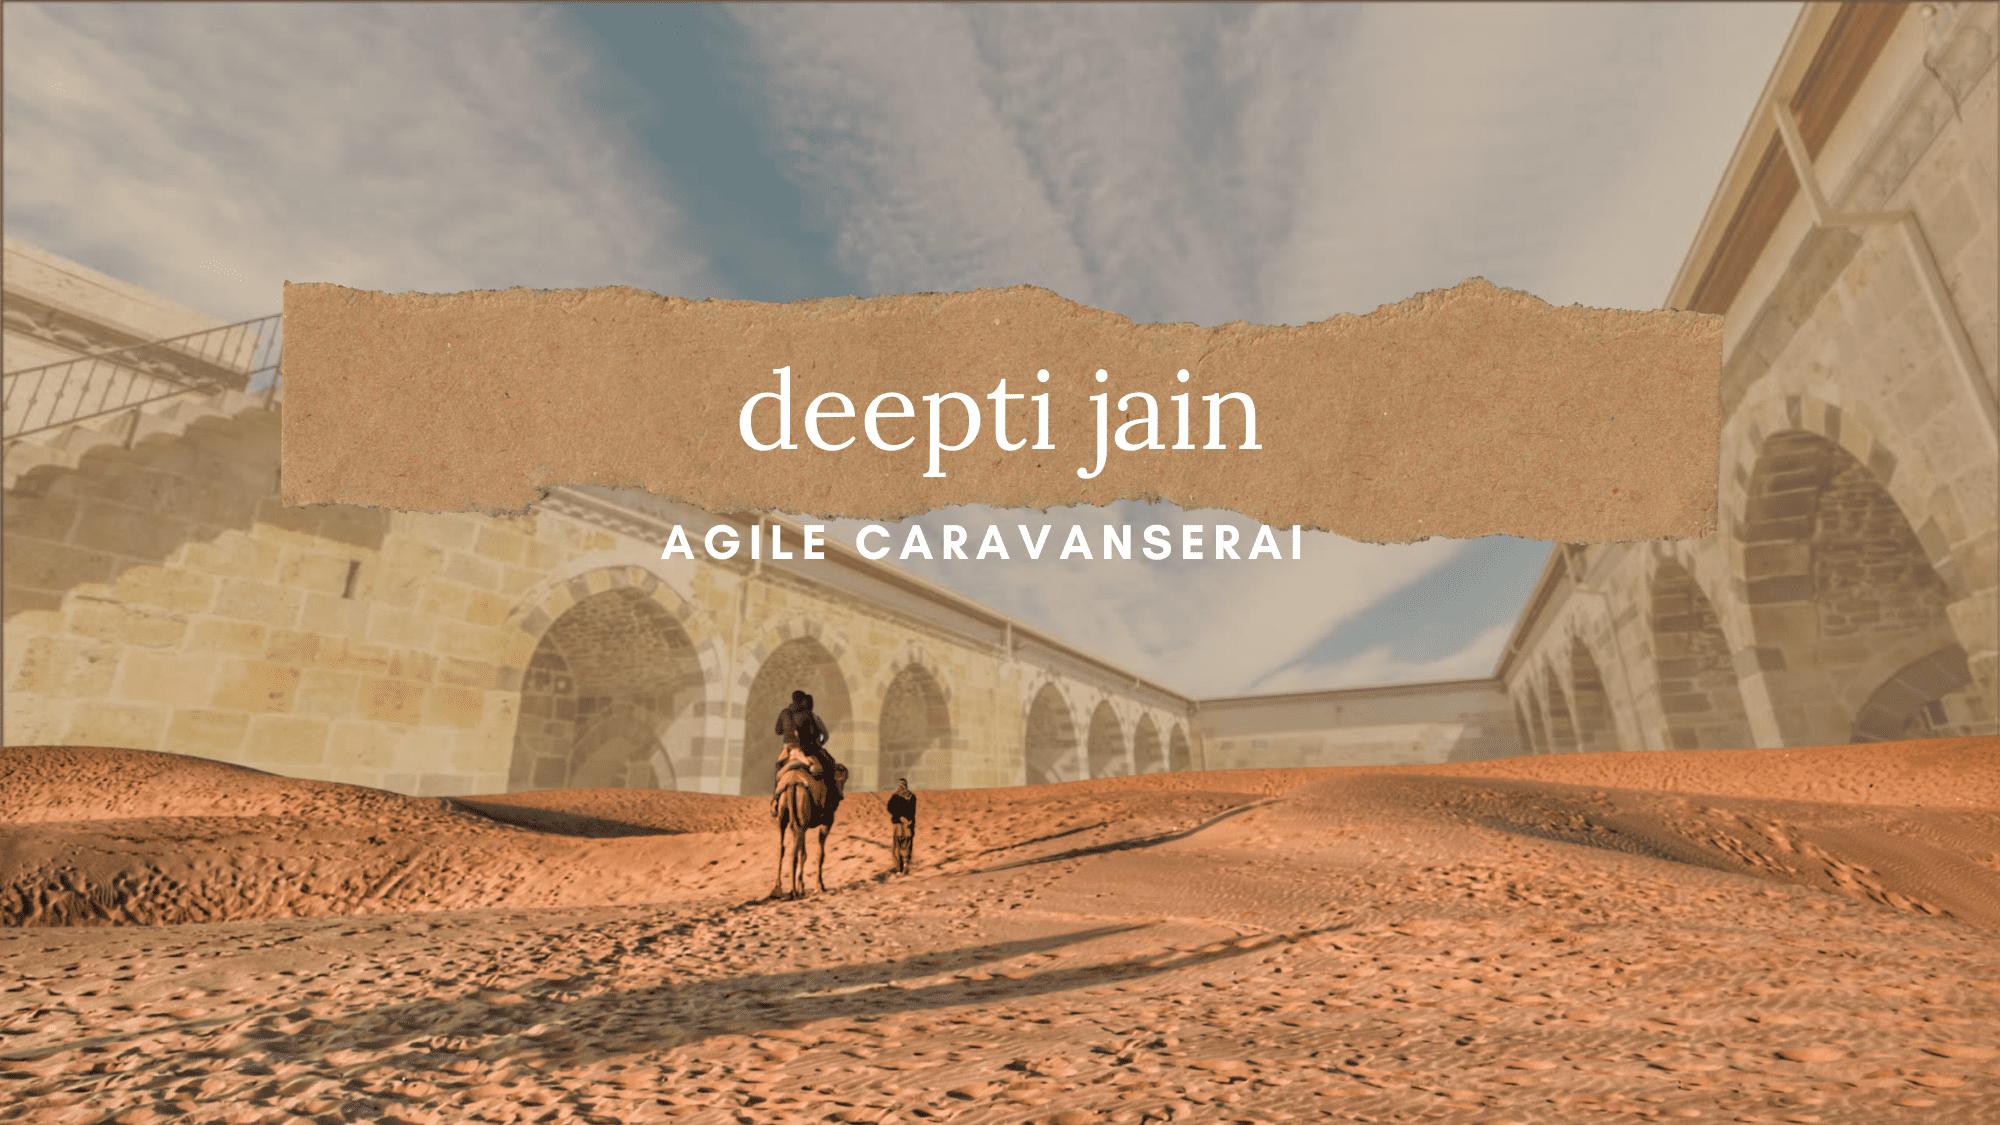 Agile Caravanserai Deepti Jain